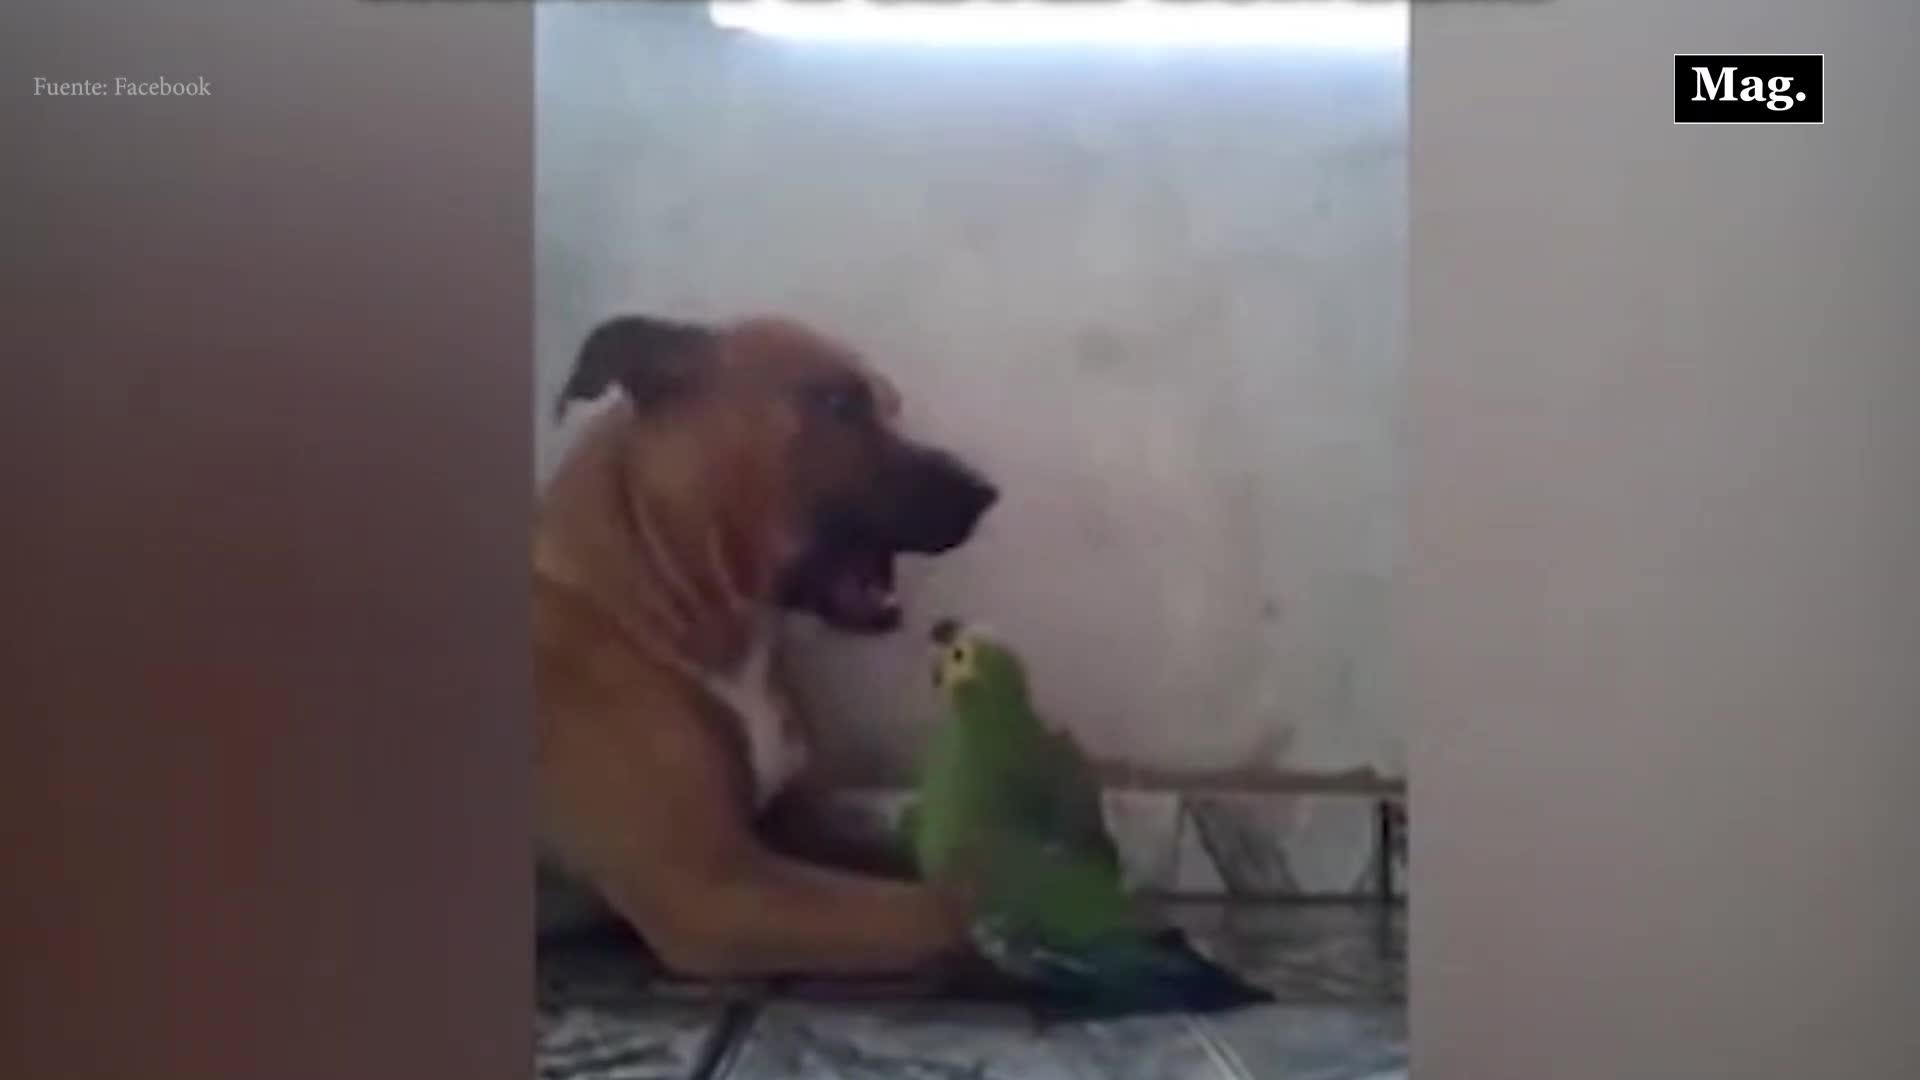 Mujer retorna a su casa y encuentra a su perro y loro en curiosa situación